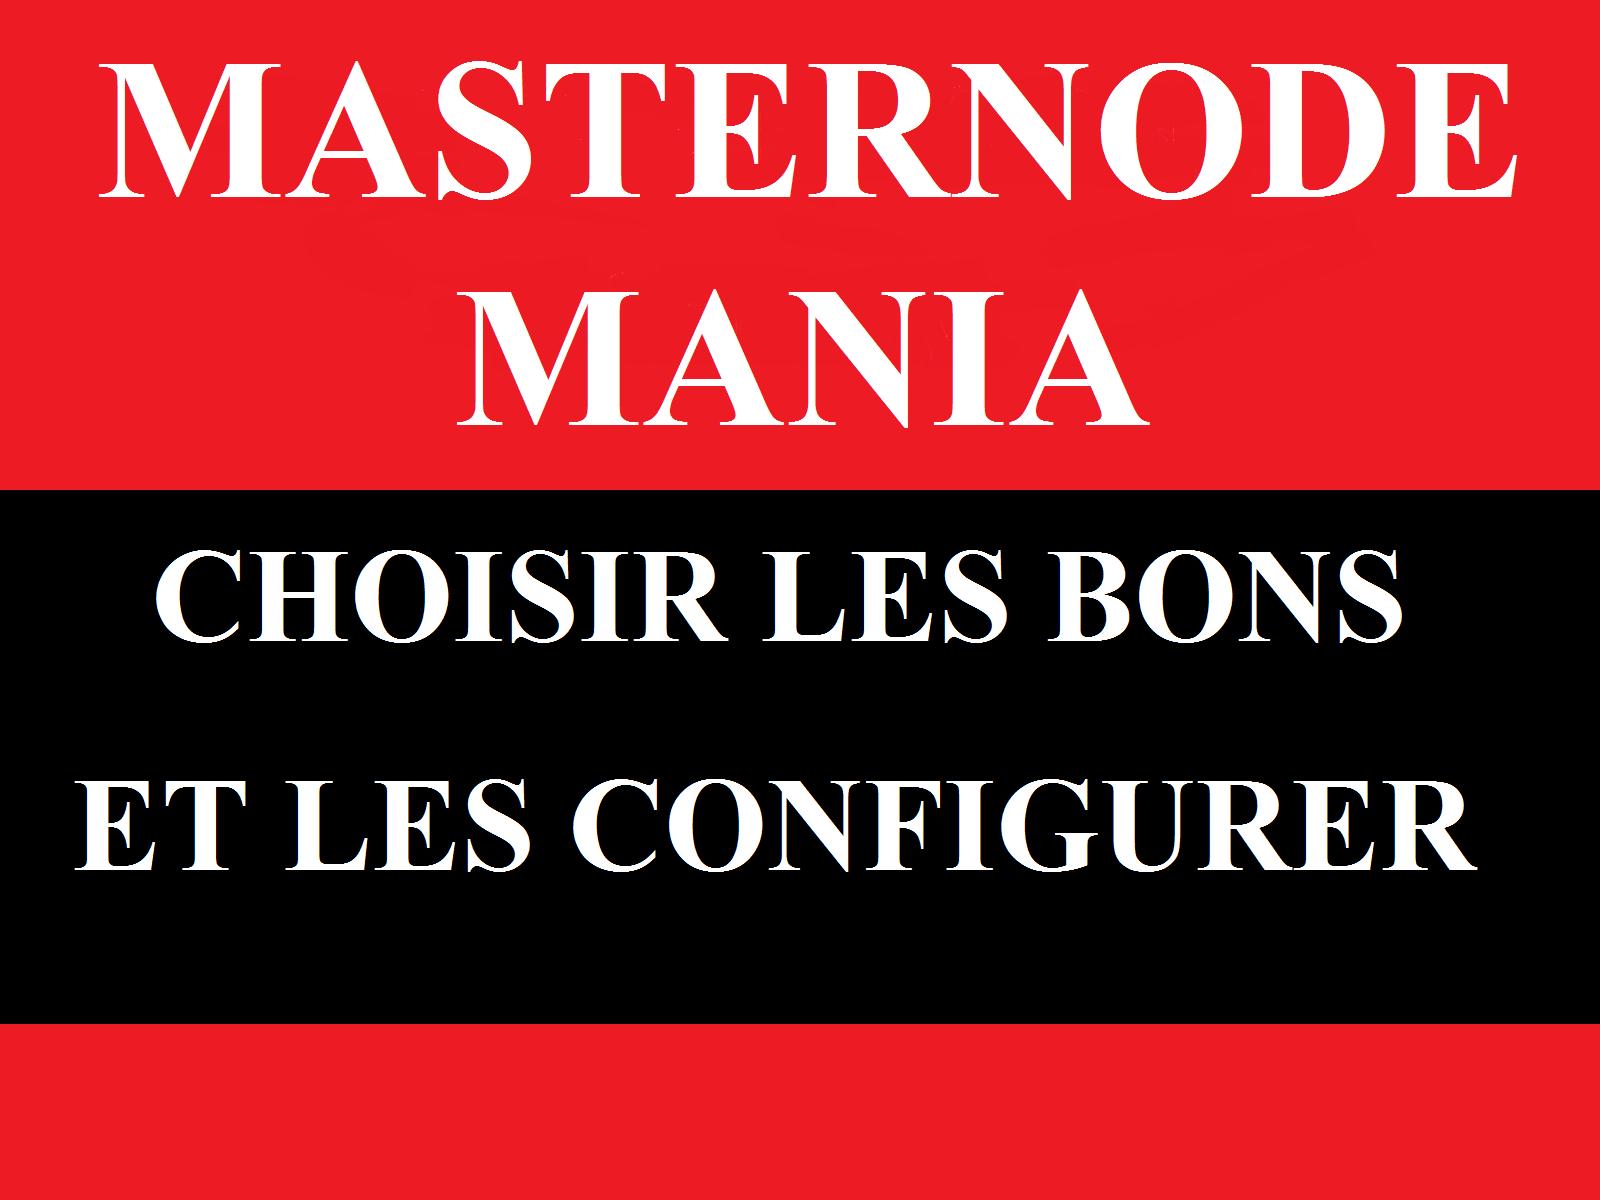 Masternode Mania